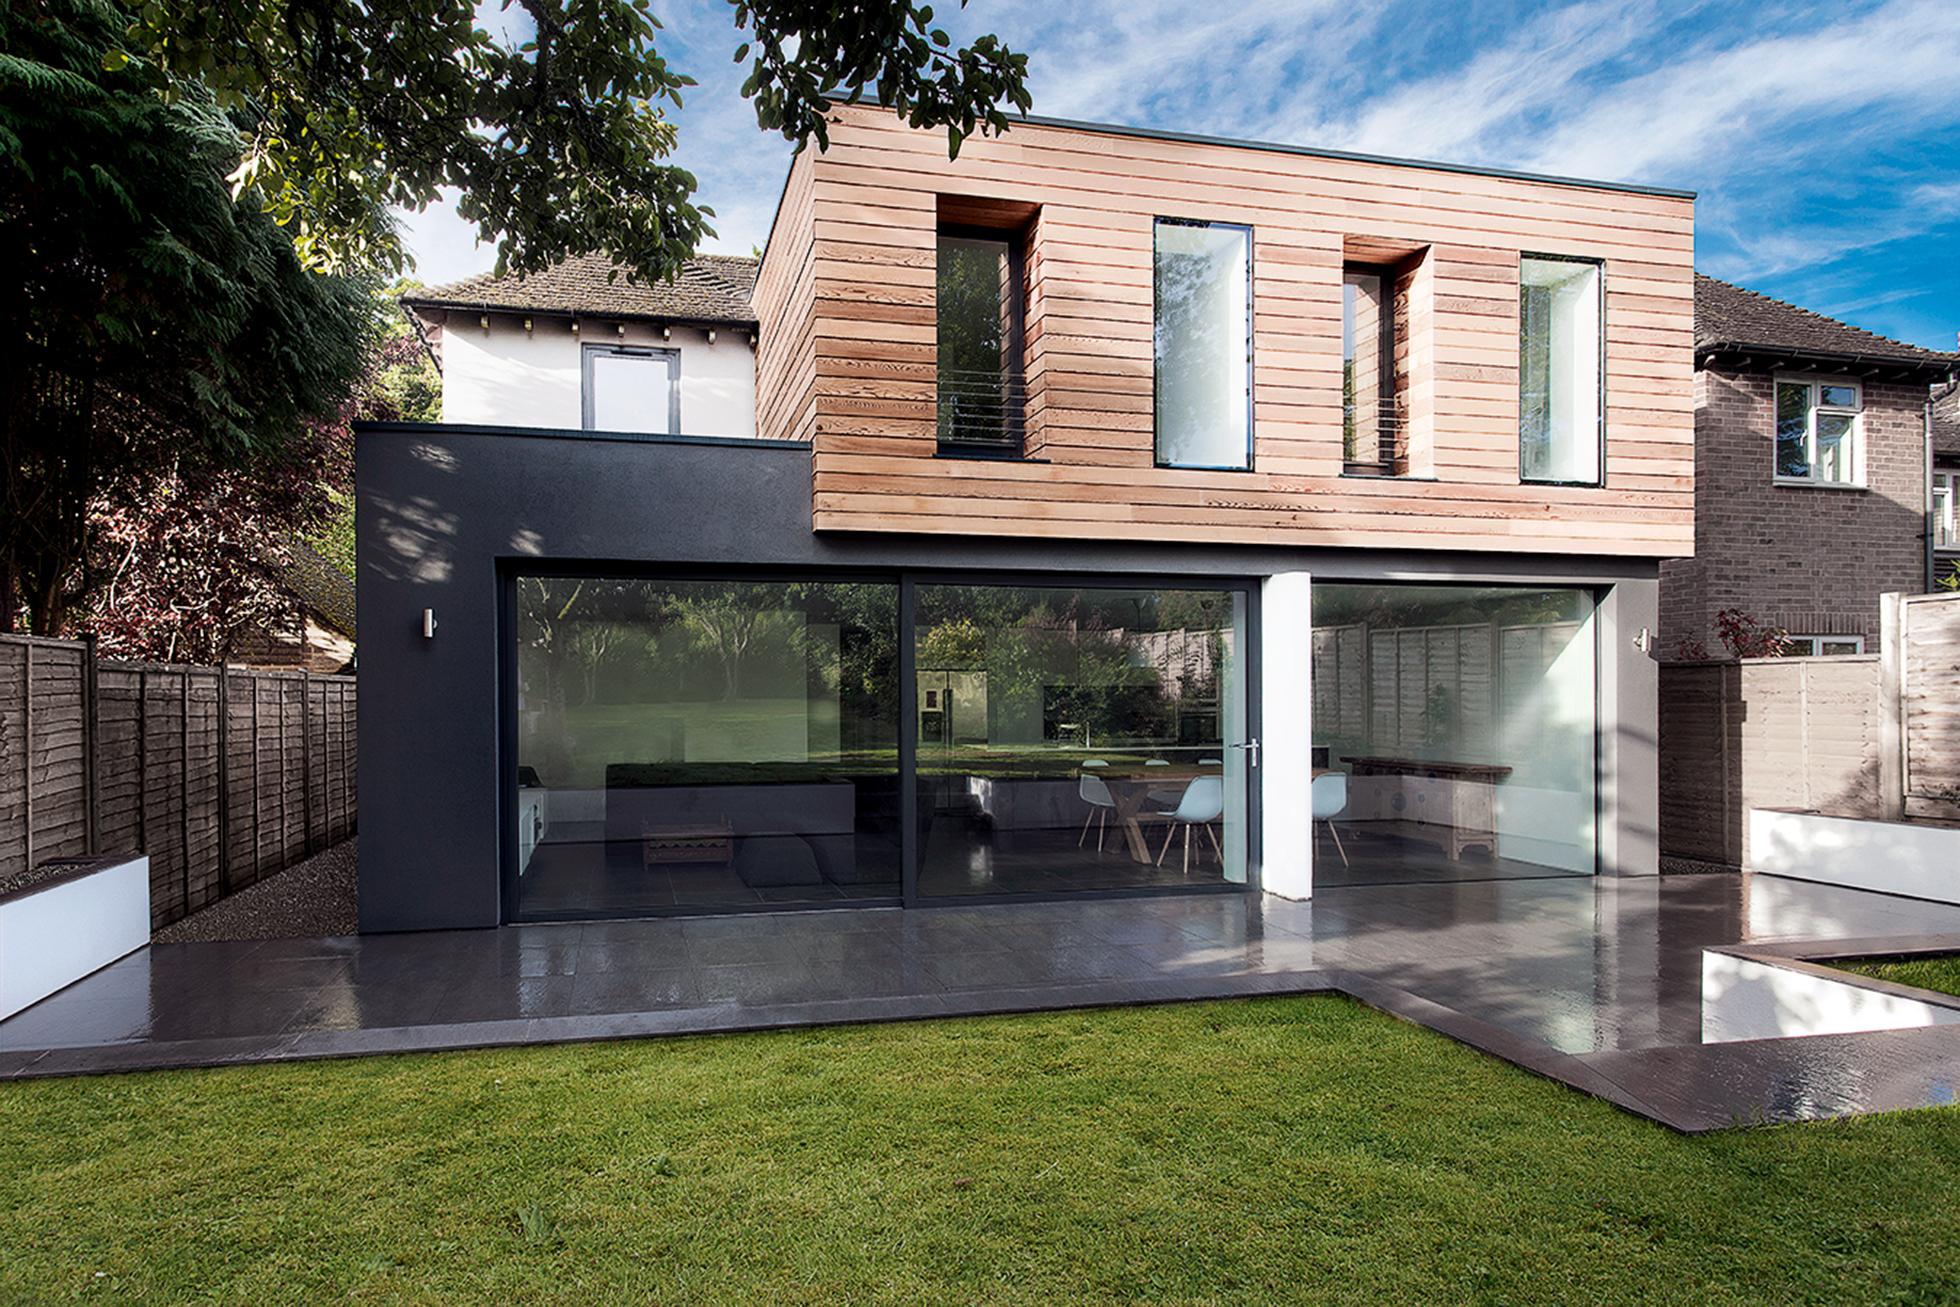 building extension ideas - Design Decoration